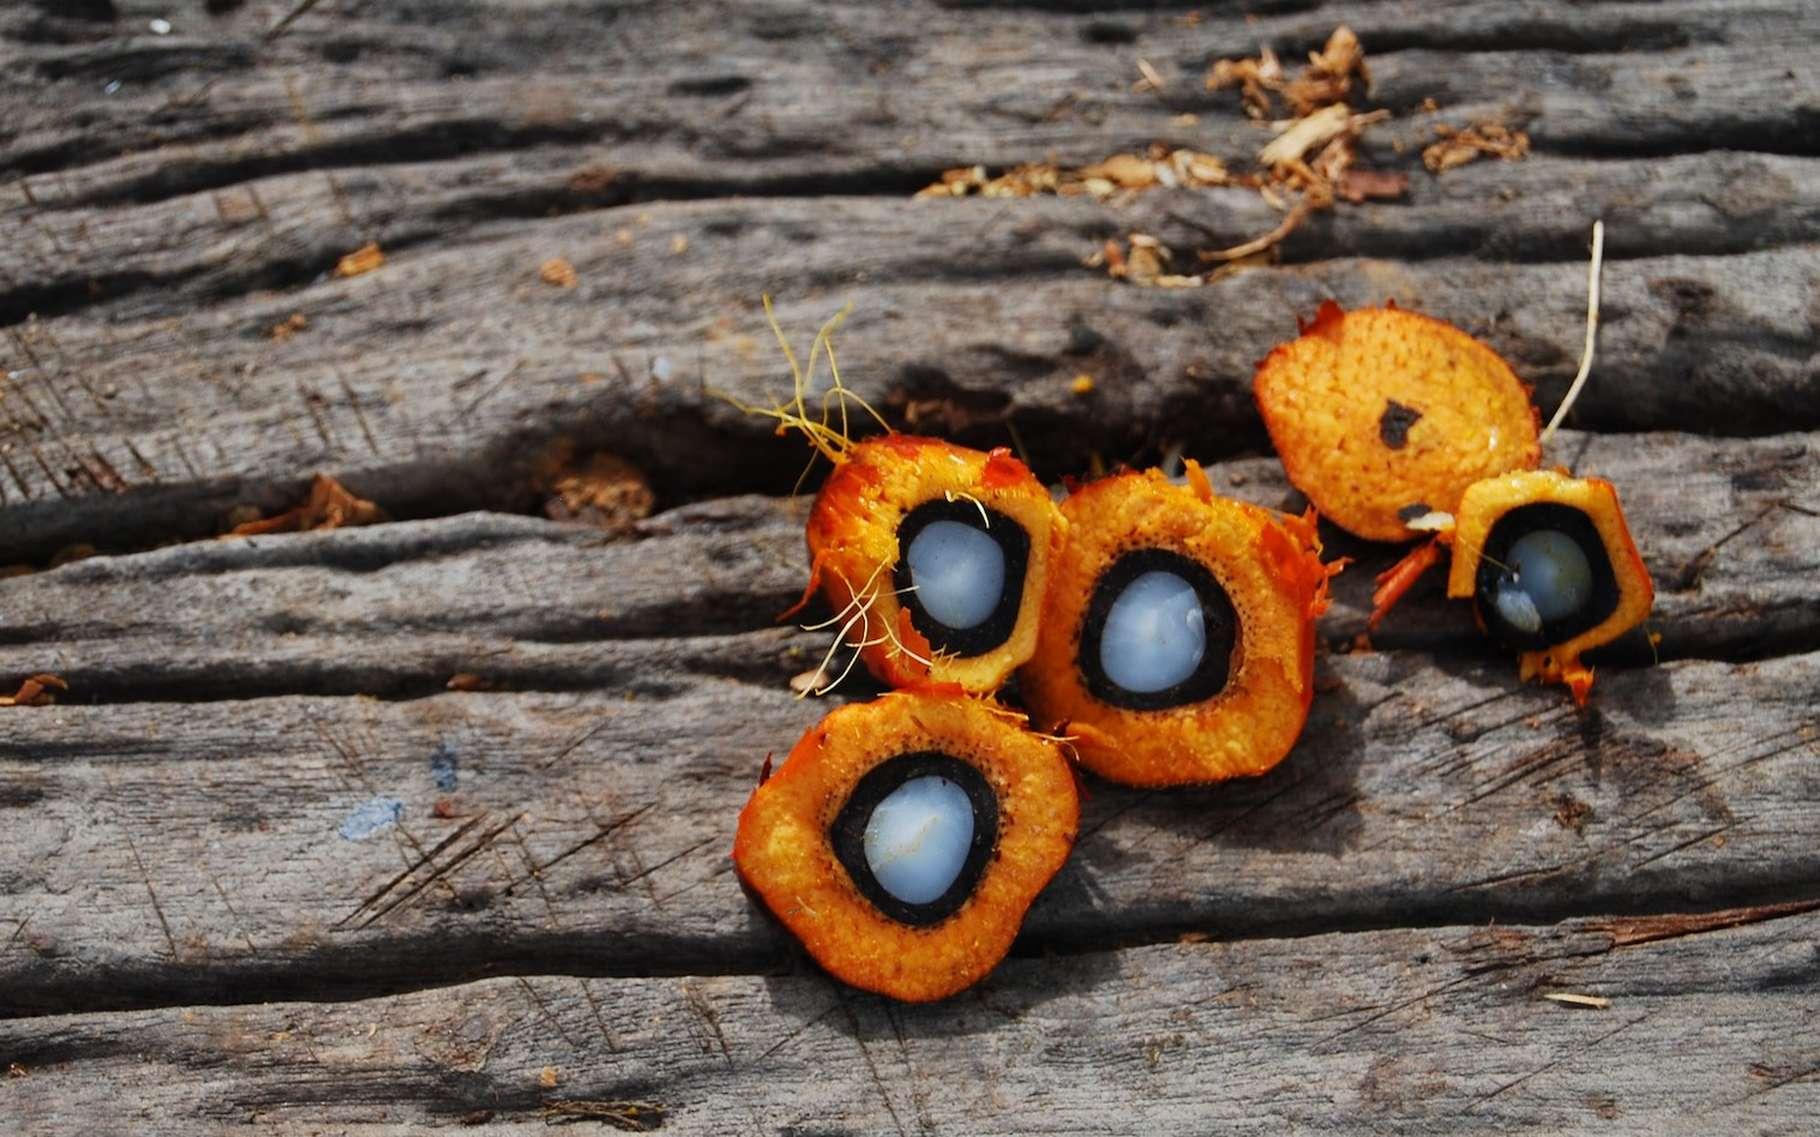 Selon des chercheurs américains, il serait impossible de produire de l'huile de palme de manière durable. Du moins, tant que la demande se maintient à un niveau élevé. © Orienterungslust, Pixabay, CC0 Creative Commons